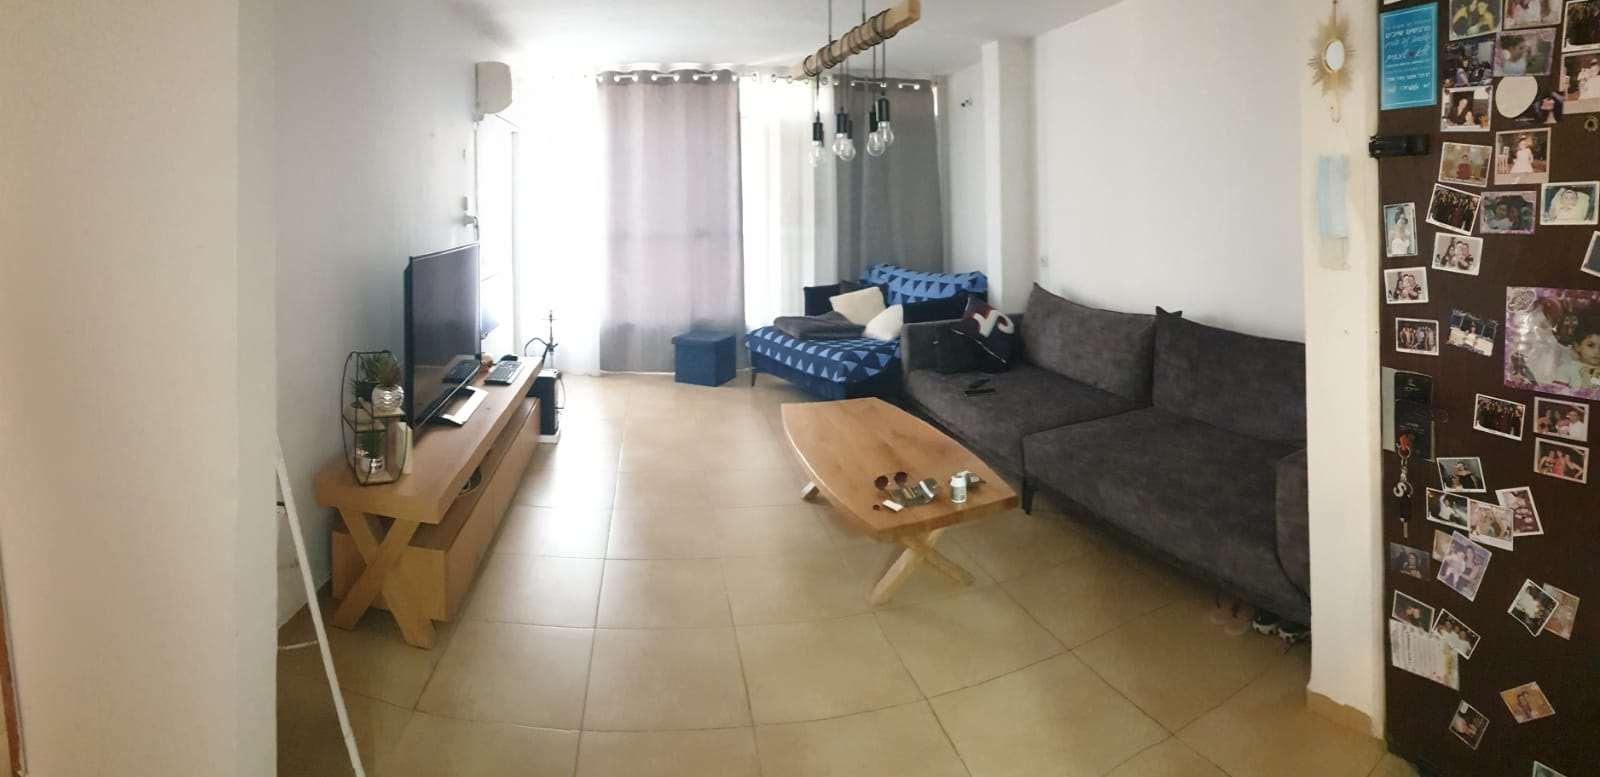 דירה, 2.5 חדרים, רחל אלתר 1, לוד